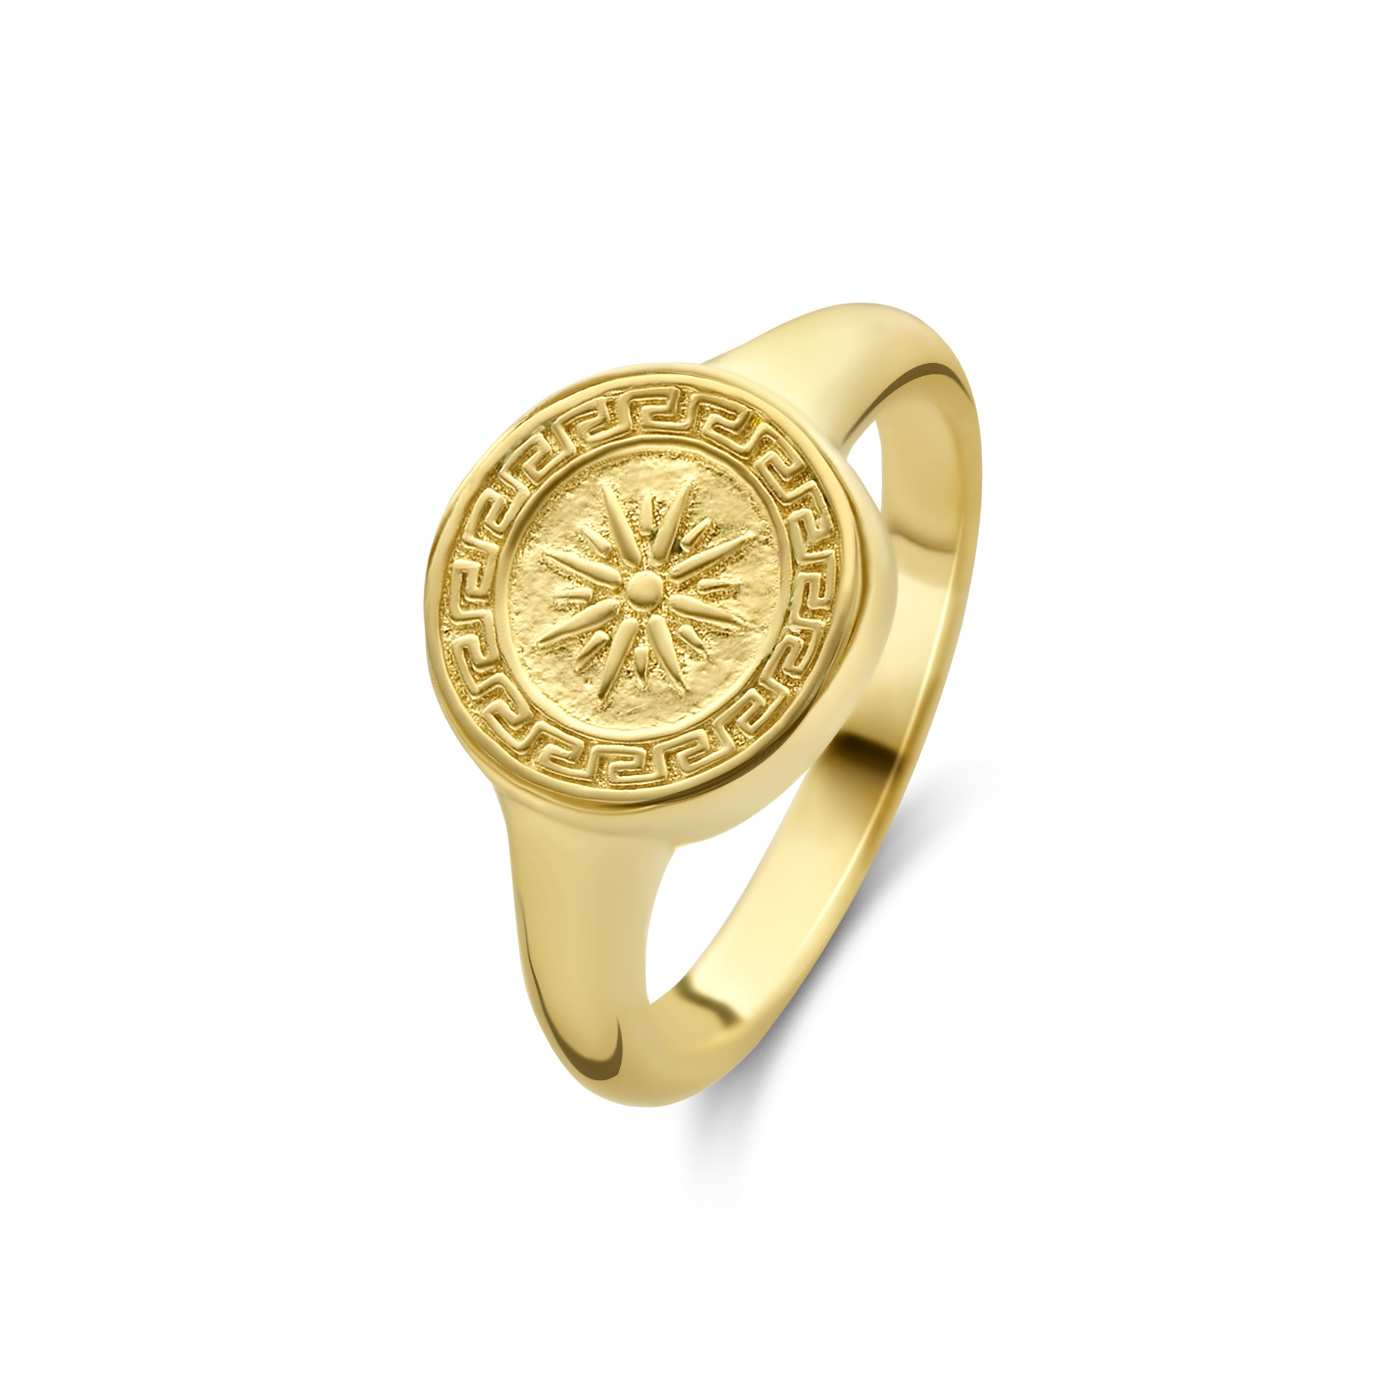 Violet Hamden Athens Ring aus goldfarbenem 925 Sterlingsilber